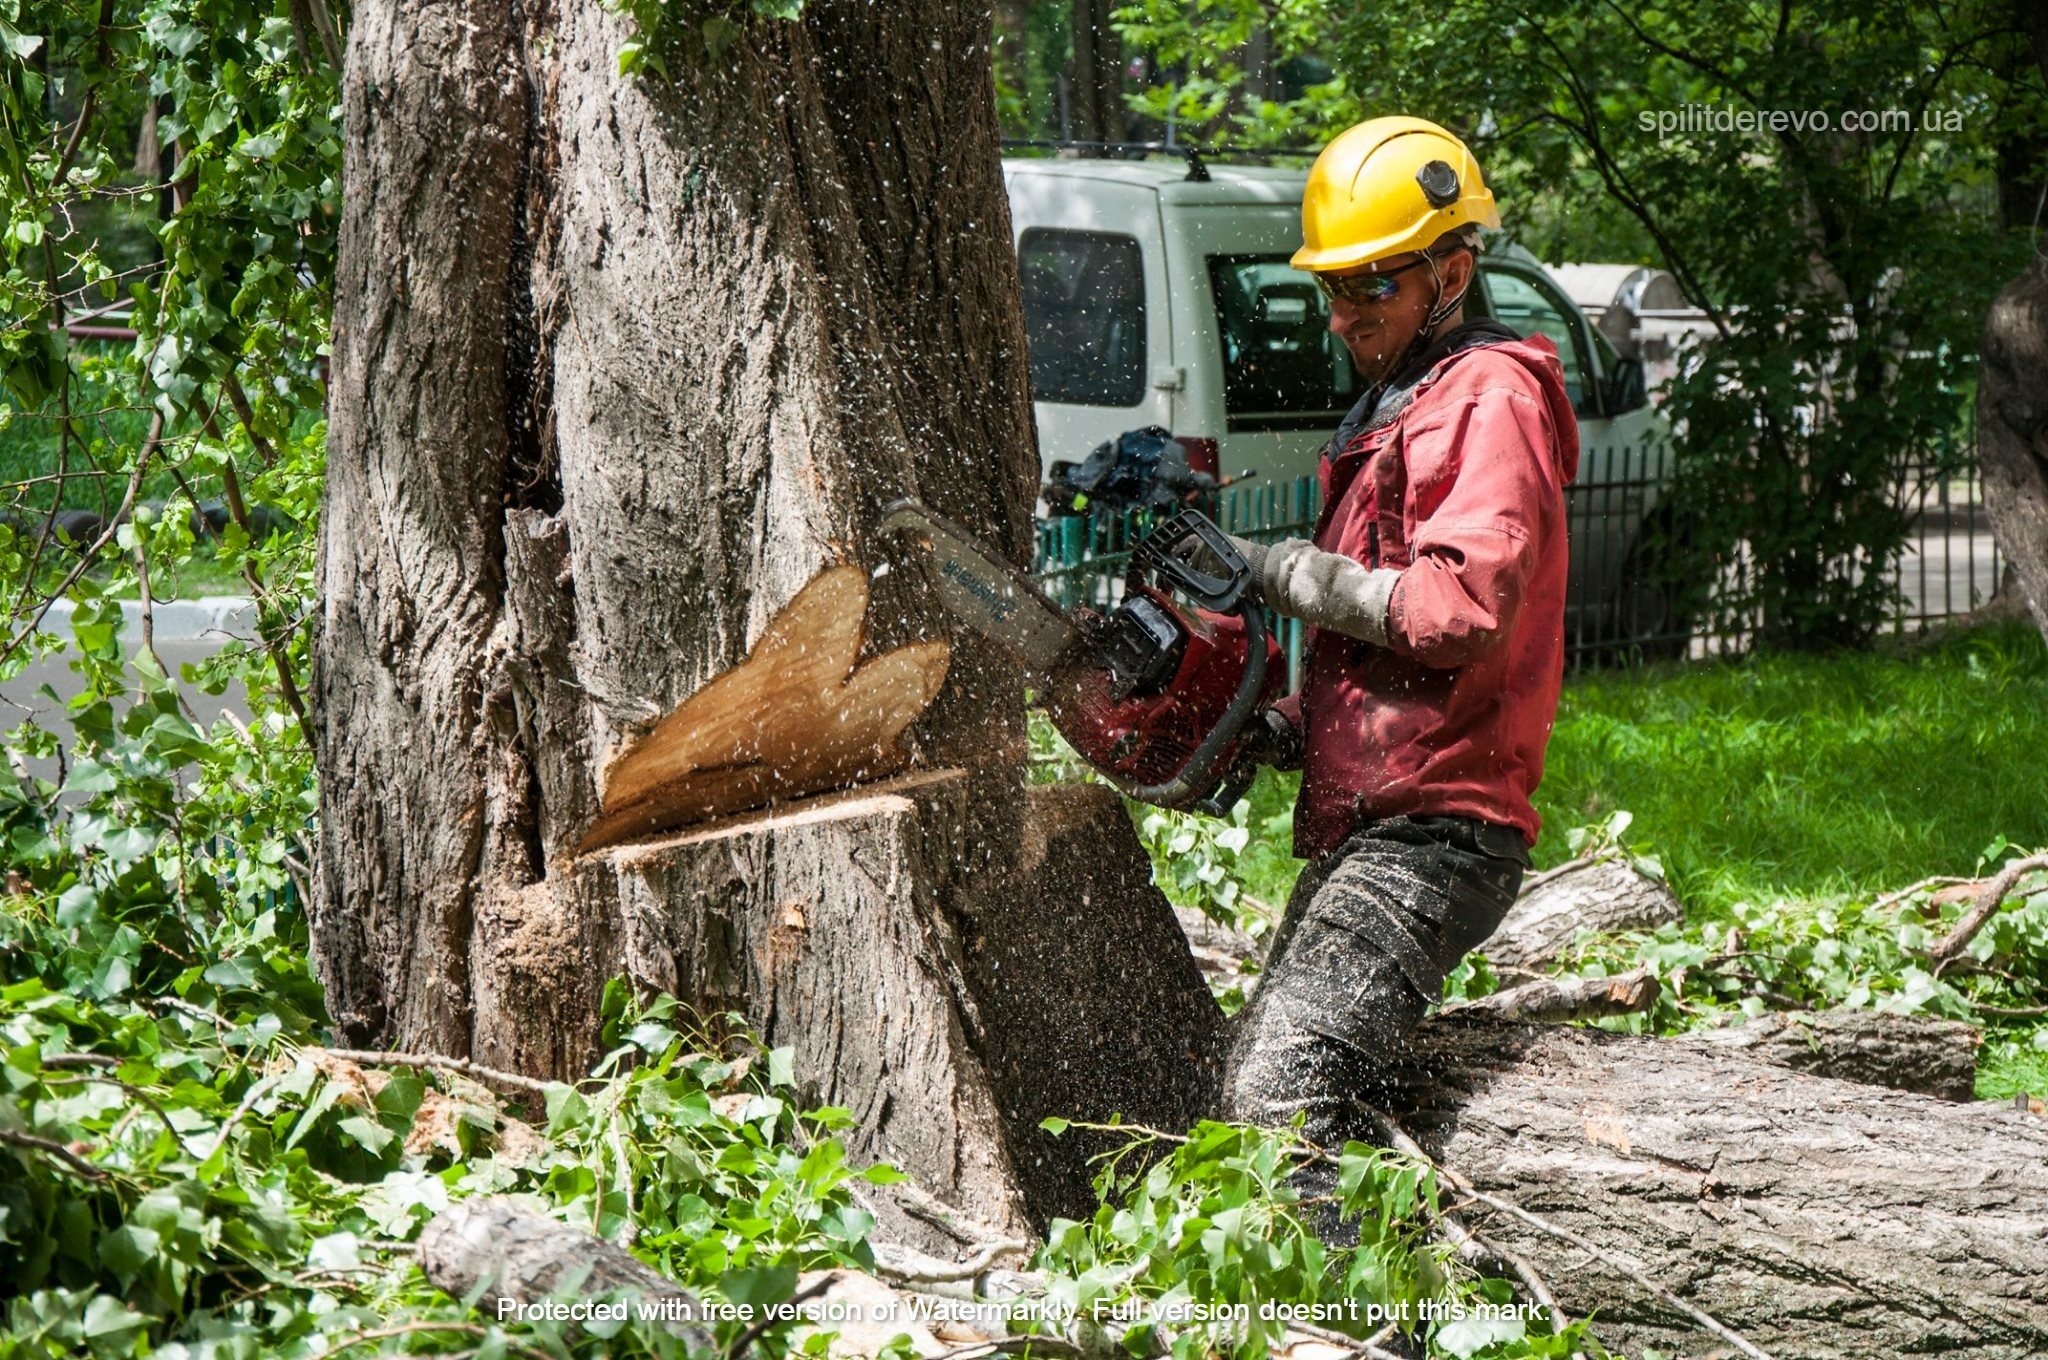 услуги по спилу деревьев киев